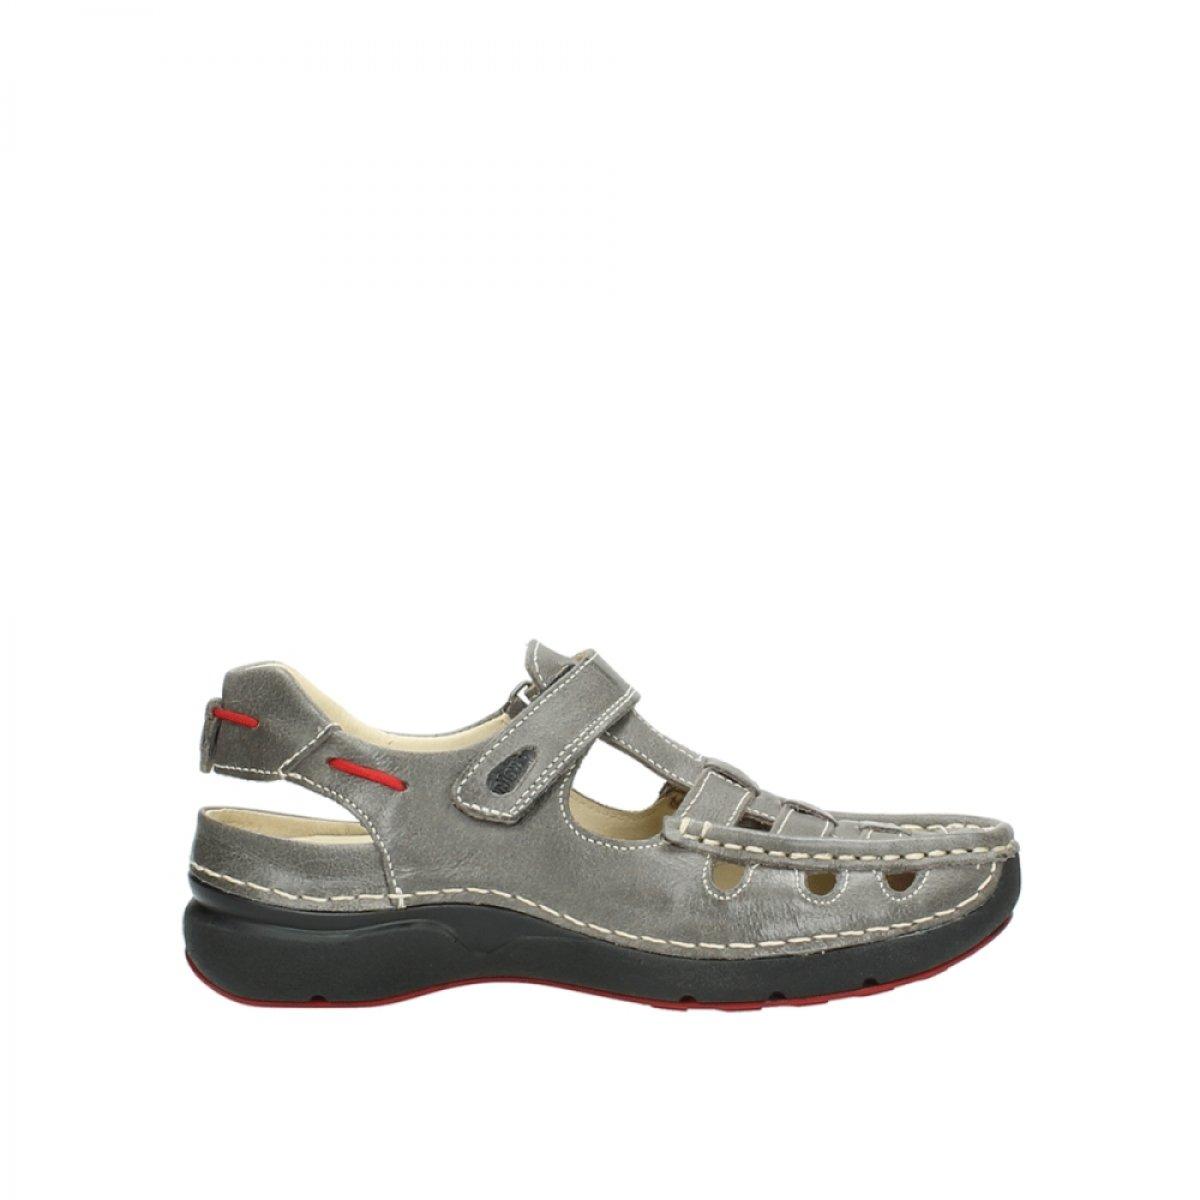 Wolky Rolling Sommer 07201 Damen Sandalen  | Große Ausverkauf  | Leicht zu reinigende Oberfläche